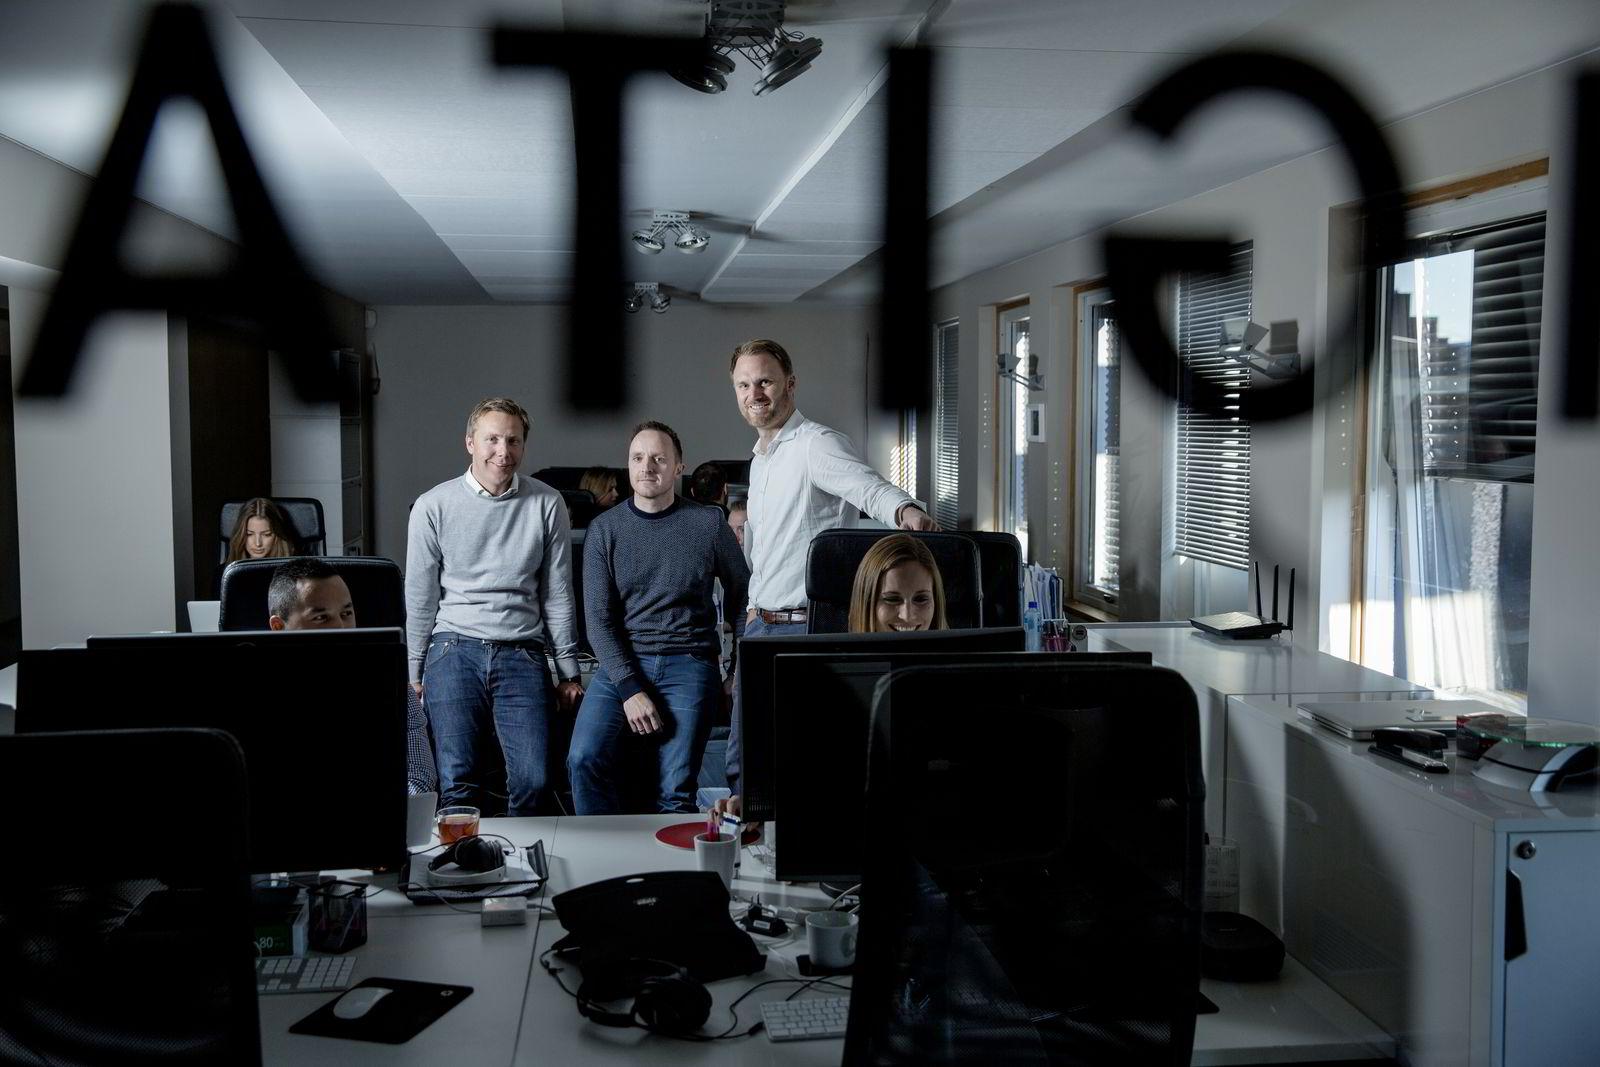 Kontorlokaler: Avbildet er administrerende direktør i Norselab, Kjetil Olsen (t.v.),  grunnleggerne Christian Lundvang (i midten) og Yngve Tvedt avbildet i Norselabs kontorer i Oslo.